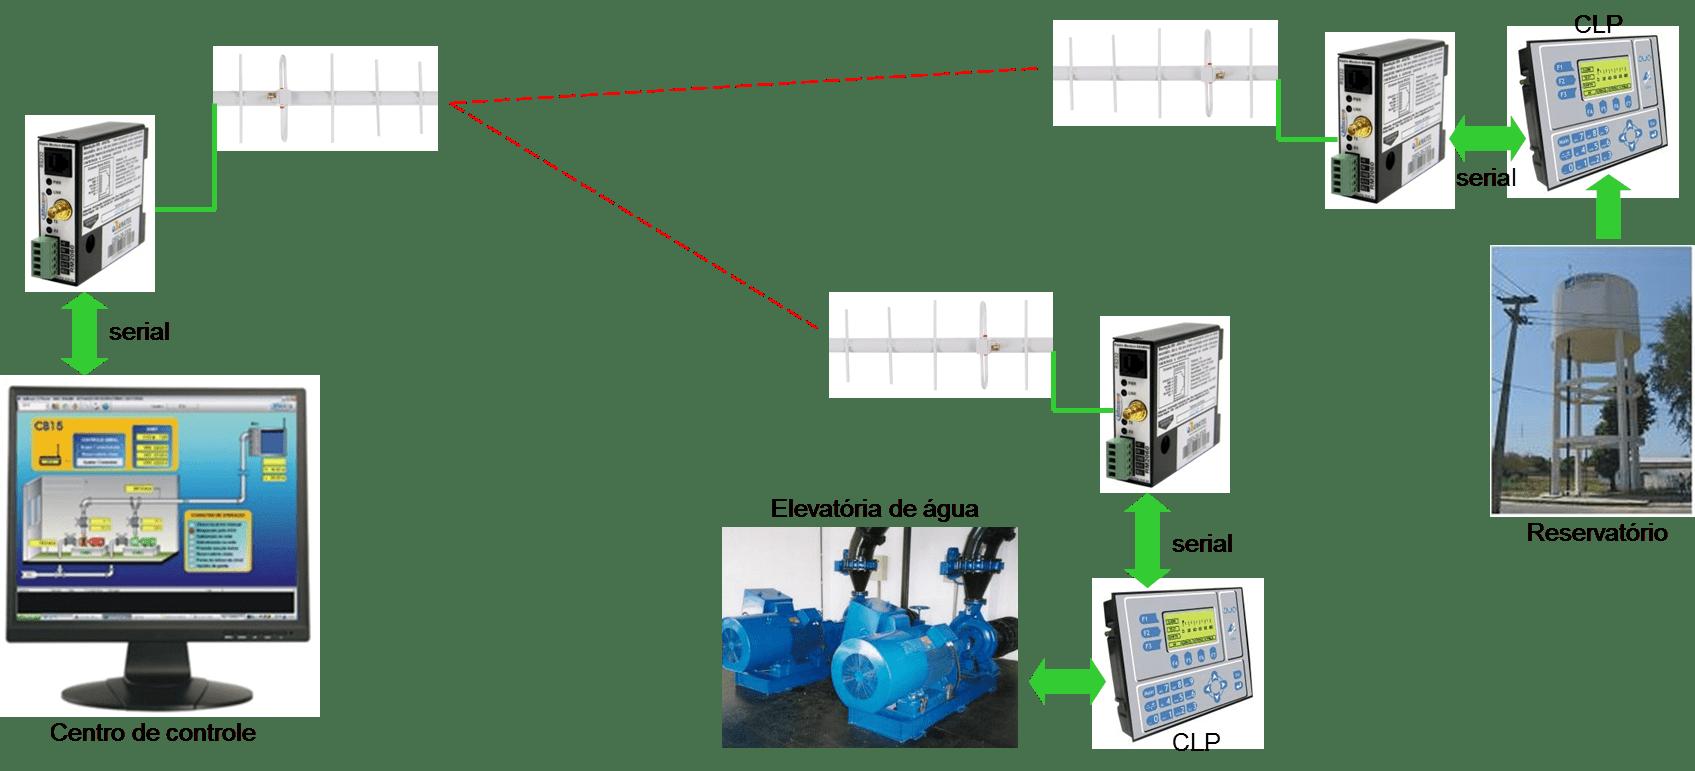 Como implementar redes RS485 via rádio